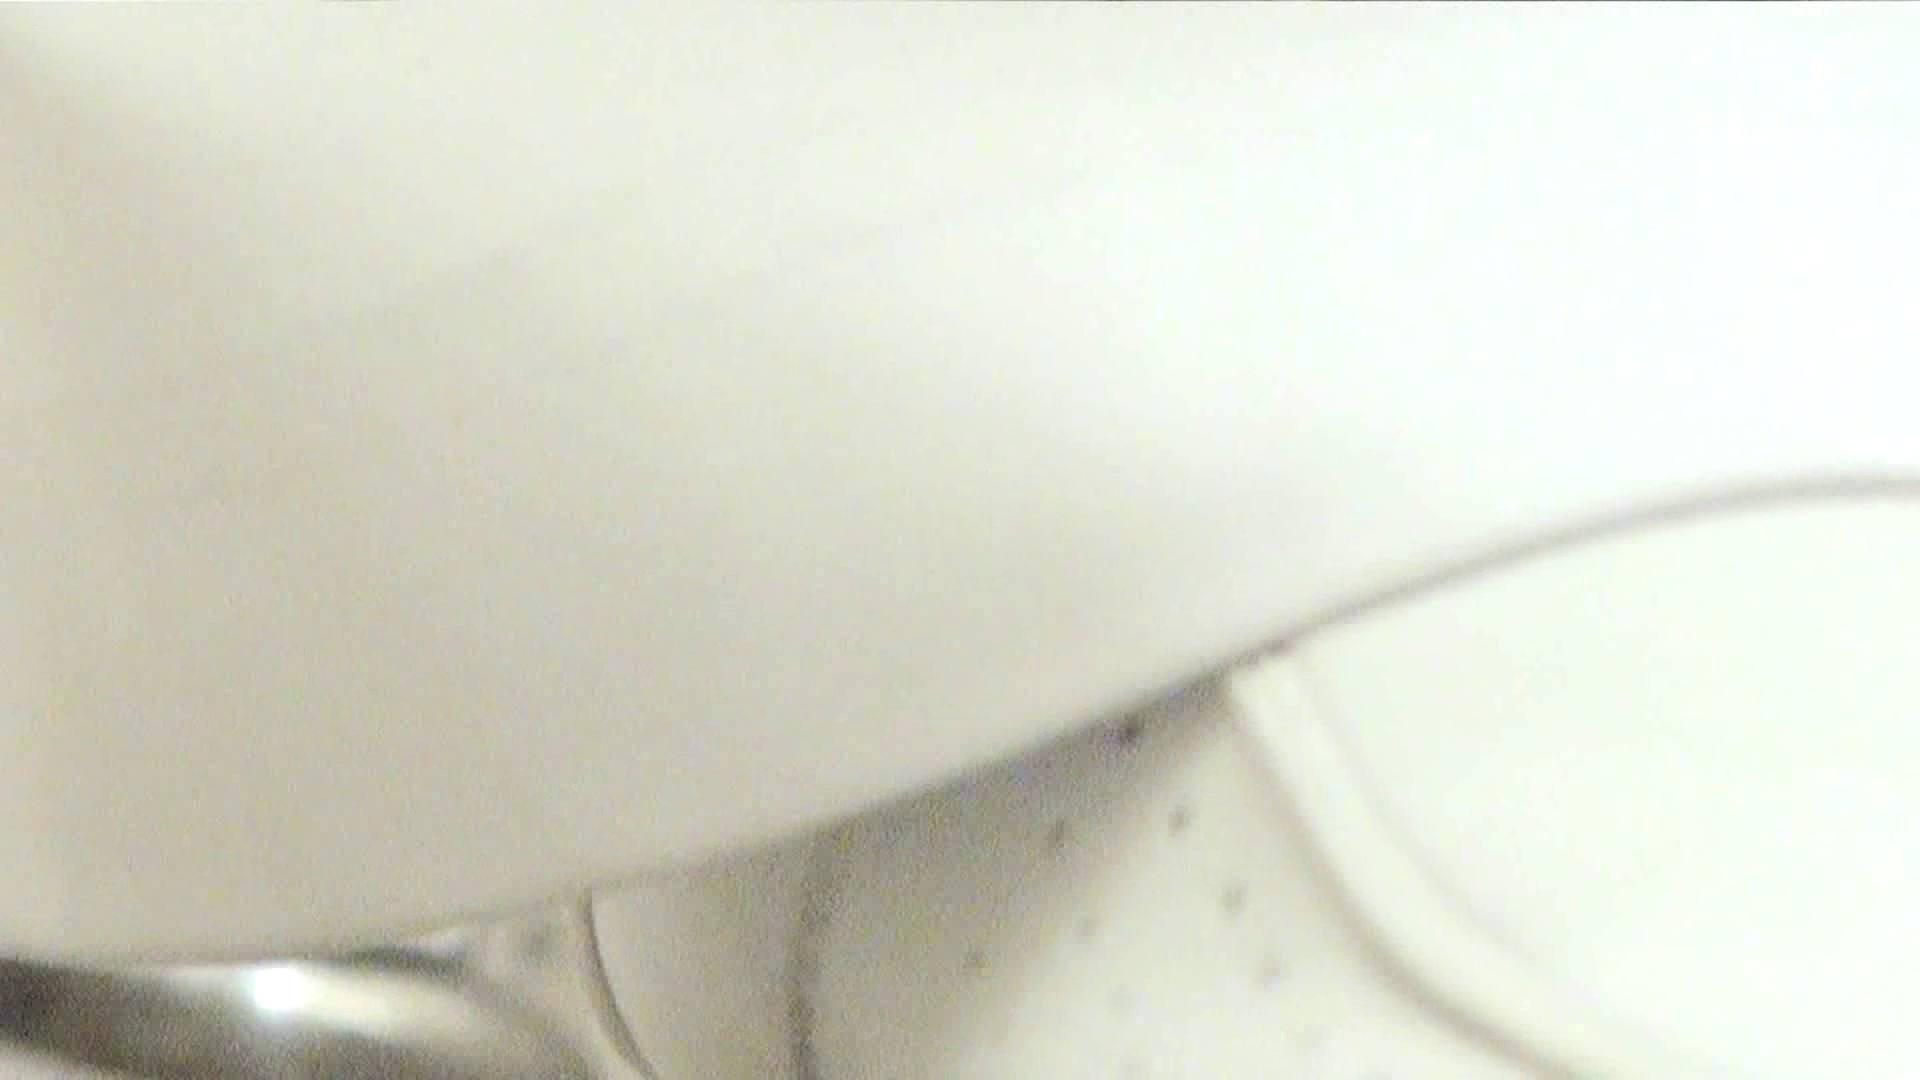 ナースのお小水 vol.005 ナースのエロ動画 のぞき 112PIX 18